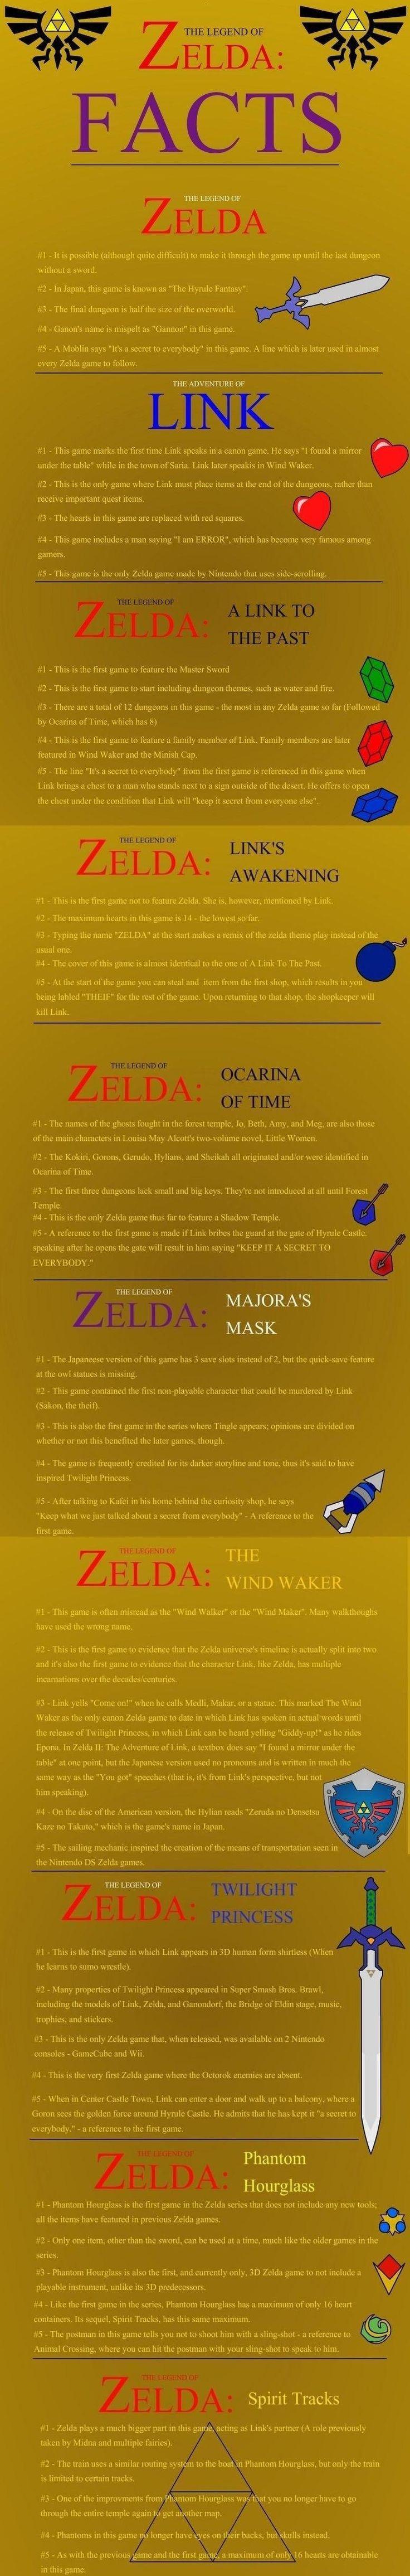 Legend of Zelda Facts